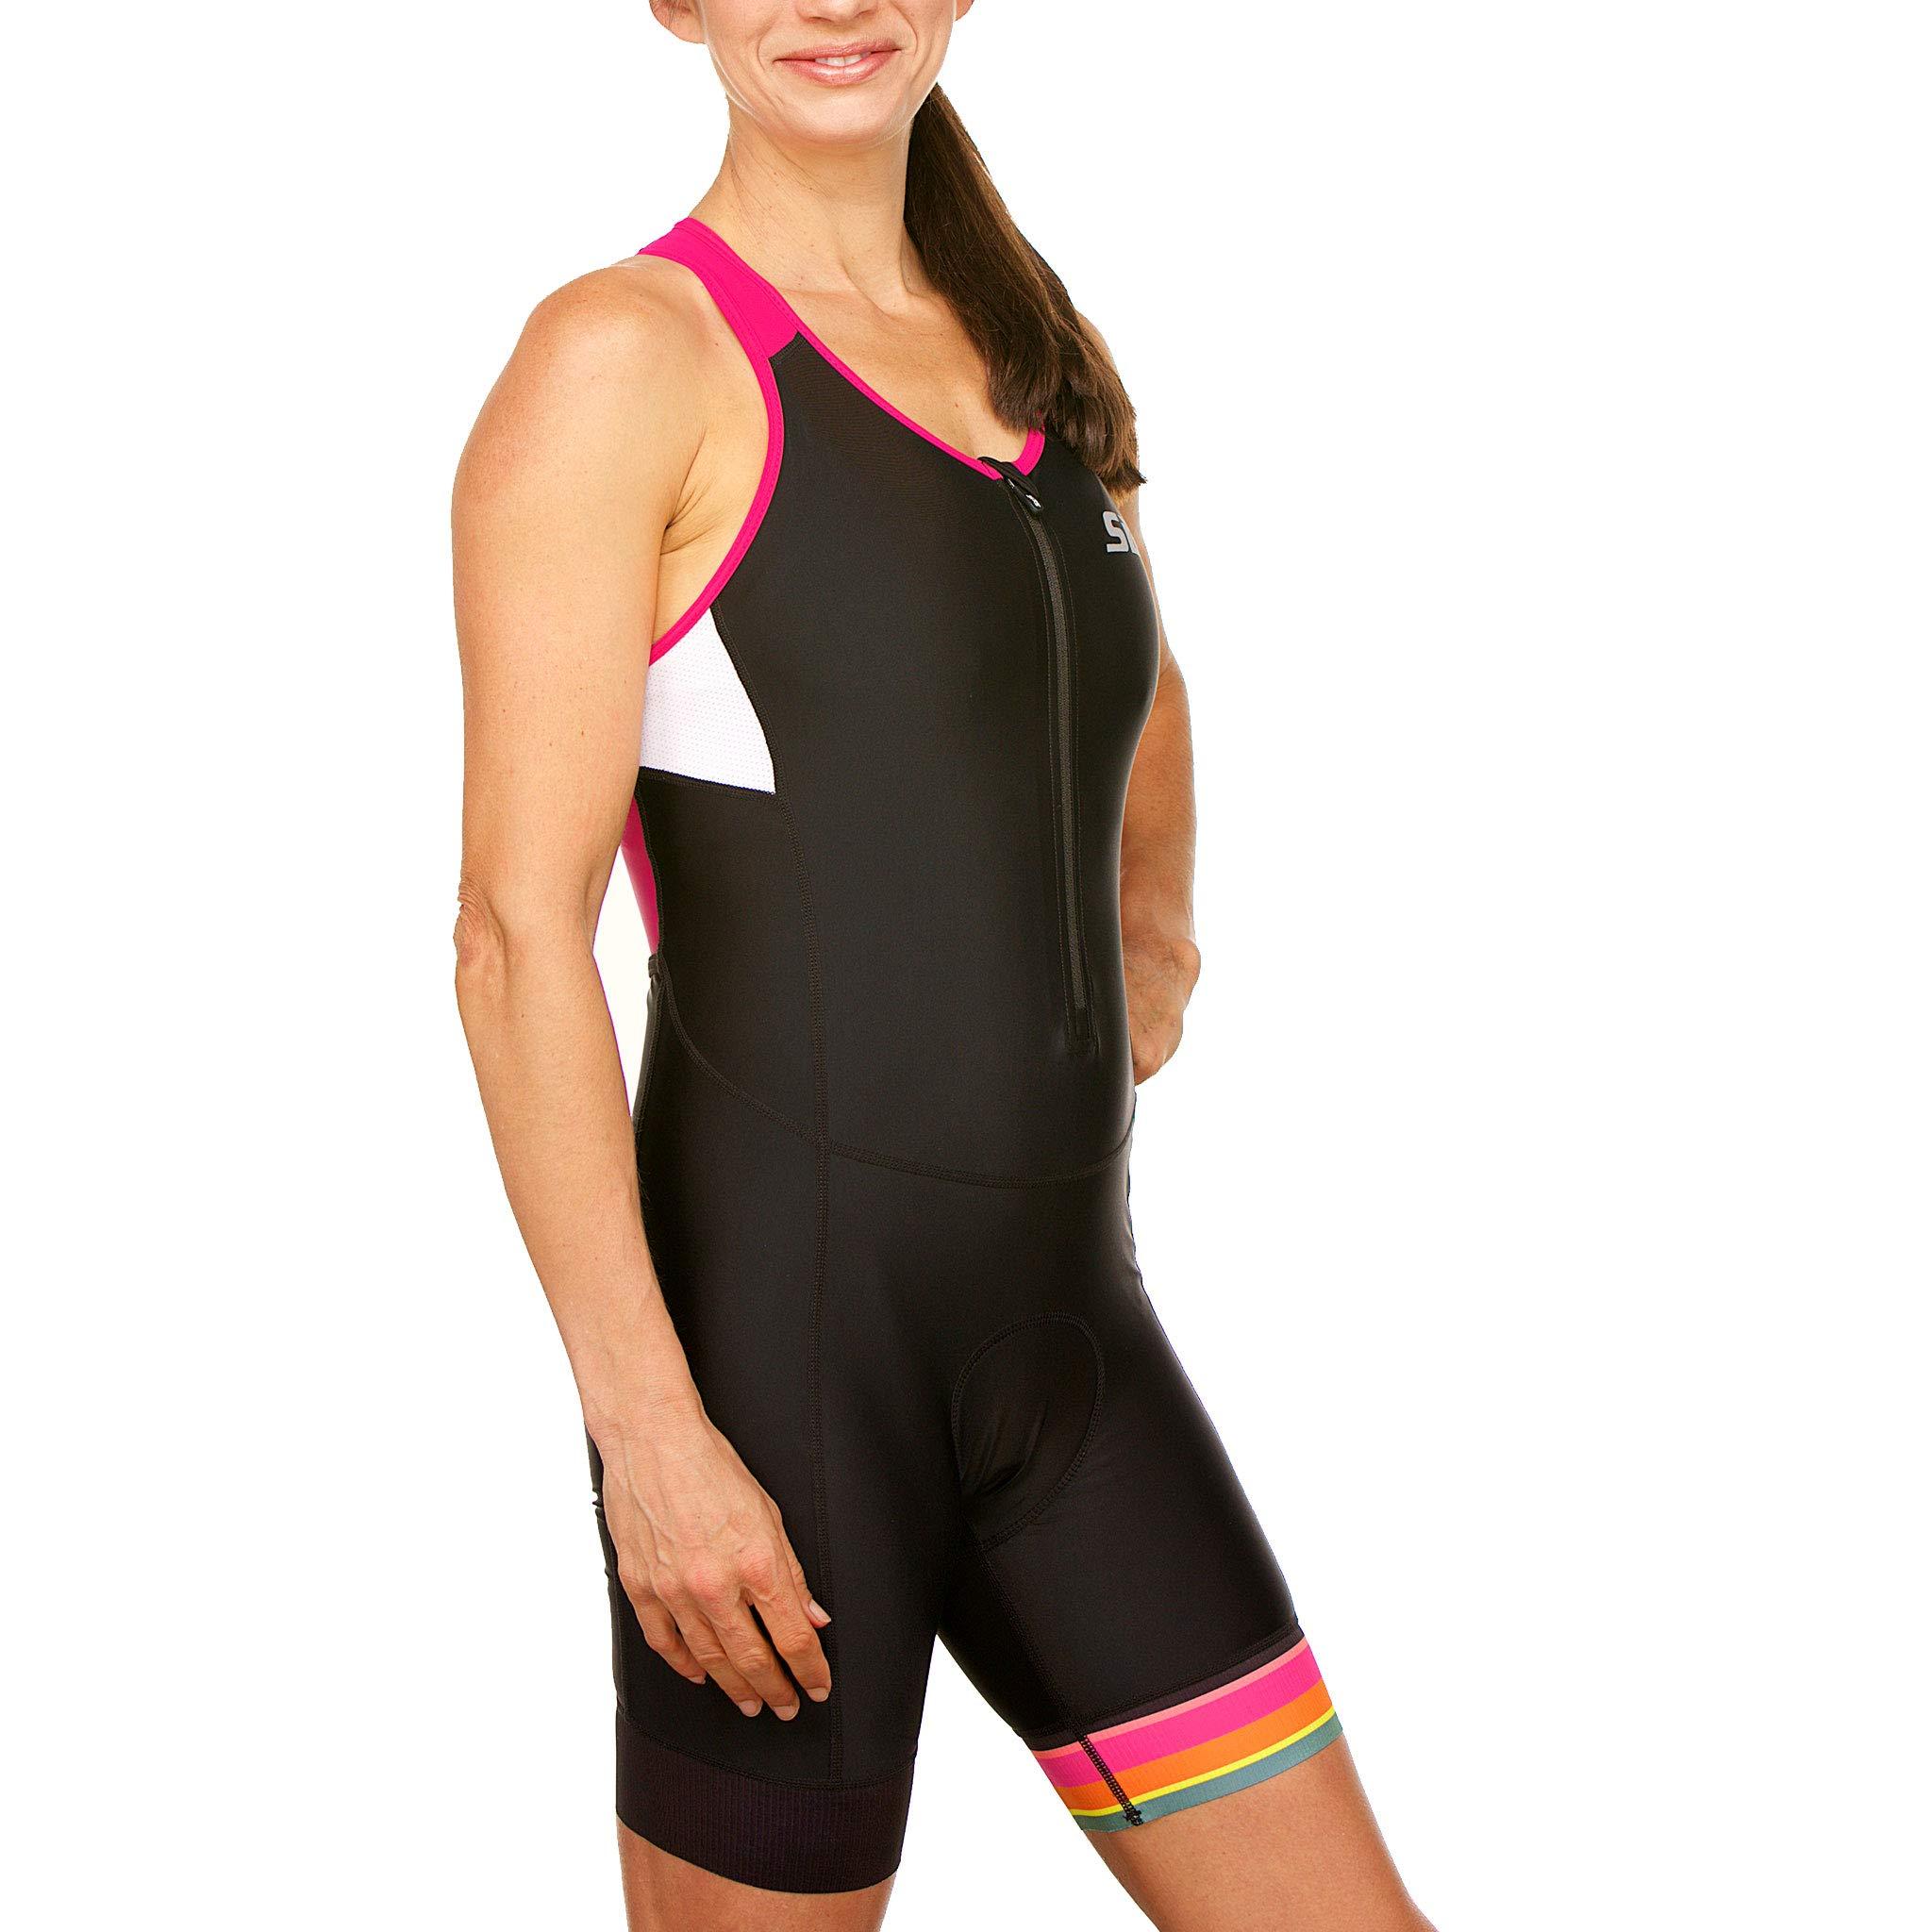 SLS3 Women`s Triathlon Tri Race Suit FRT | Womens Trisuit | Back Pocket Triathlon Suits | Anti-Friction Seams | German Designed (Black/Bright Rose, L) by SLS3 (Image #4)